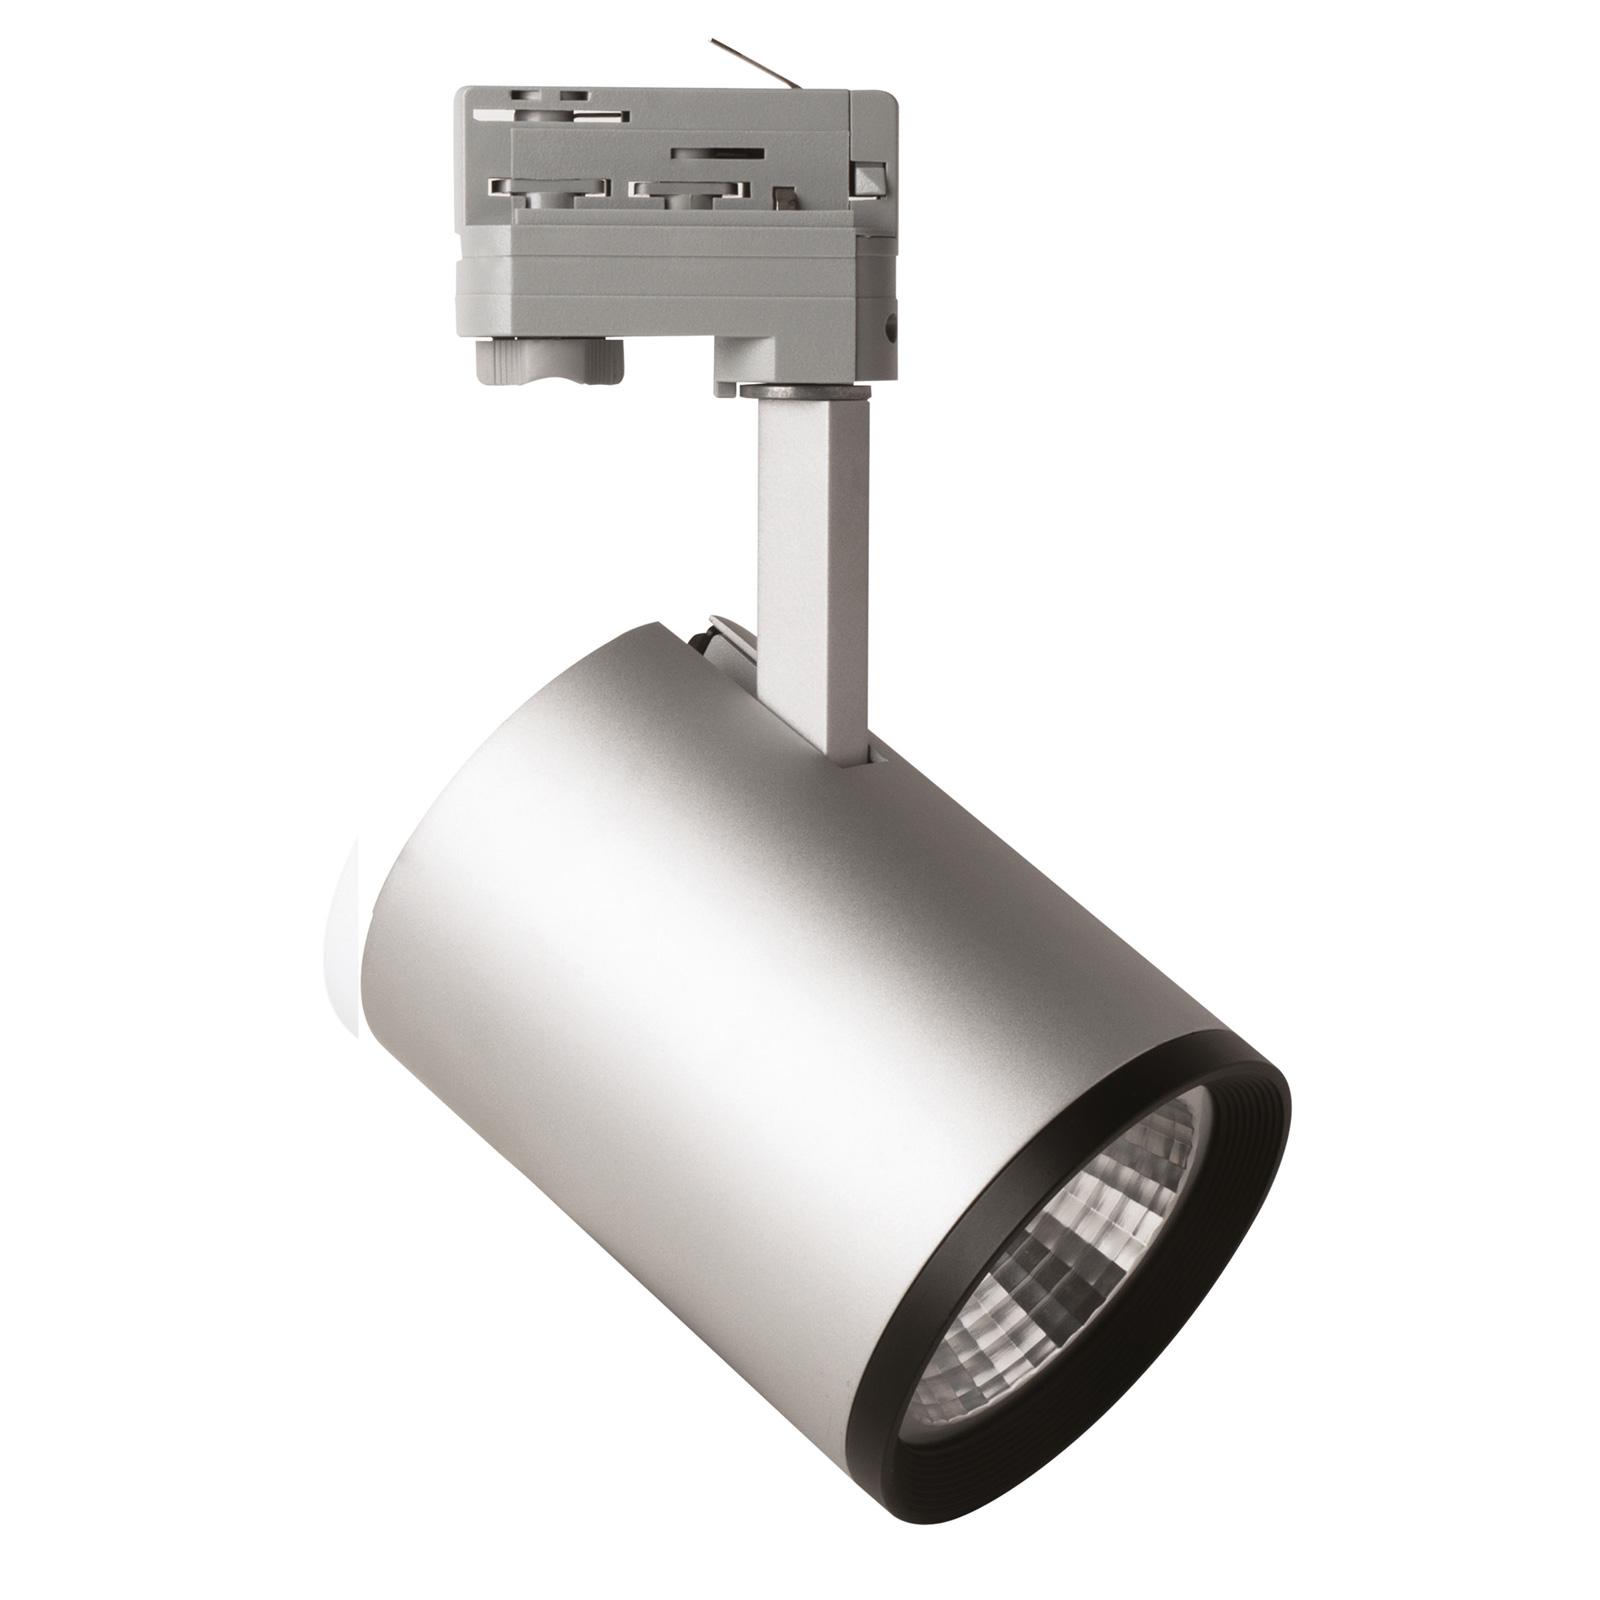 LED-spotti Marco 3-vaihekiskoon, hopea 3 000 K